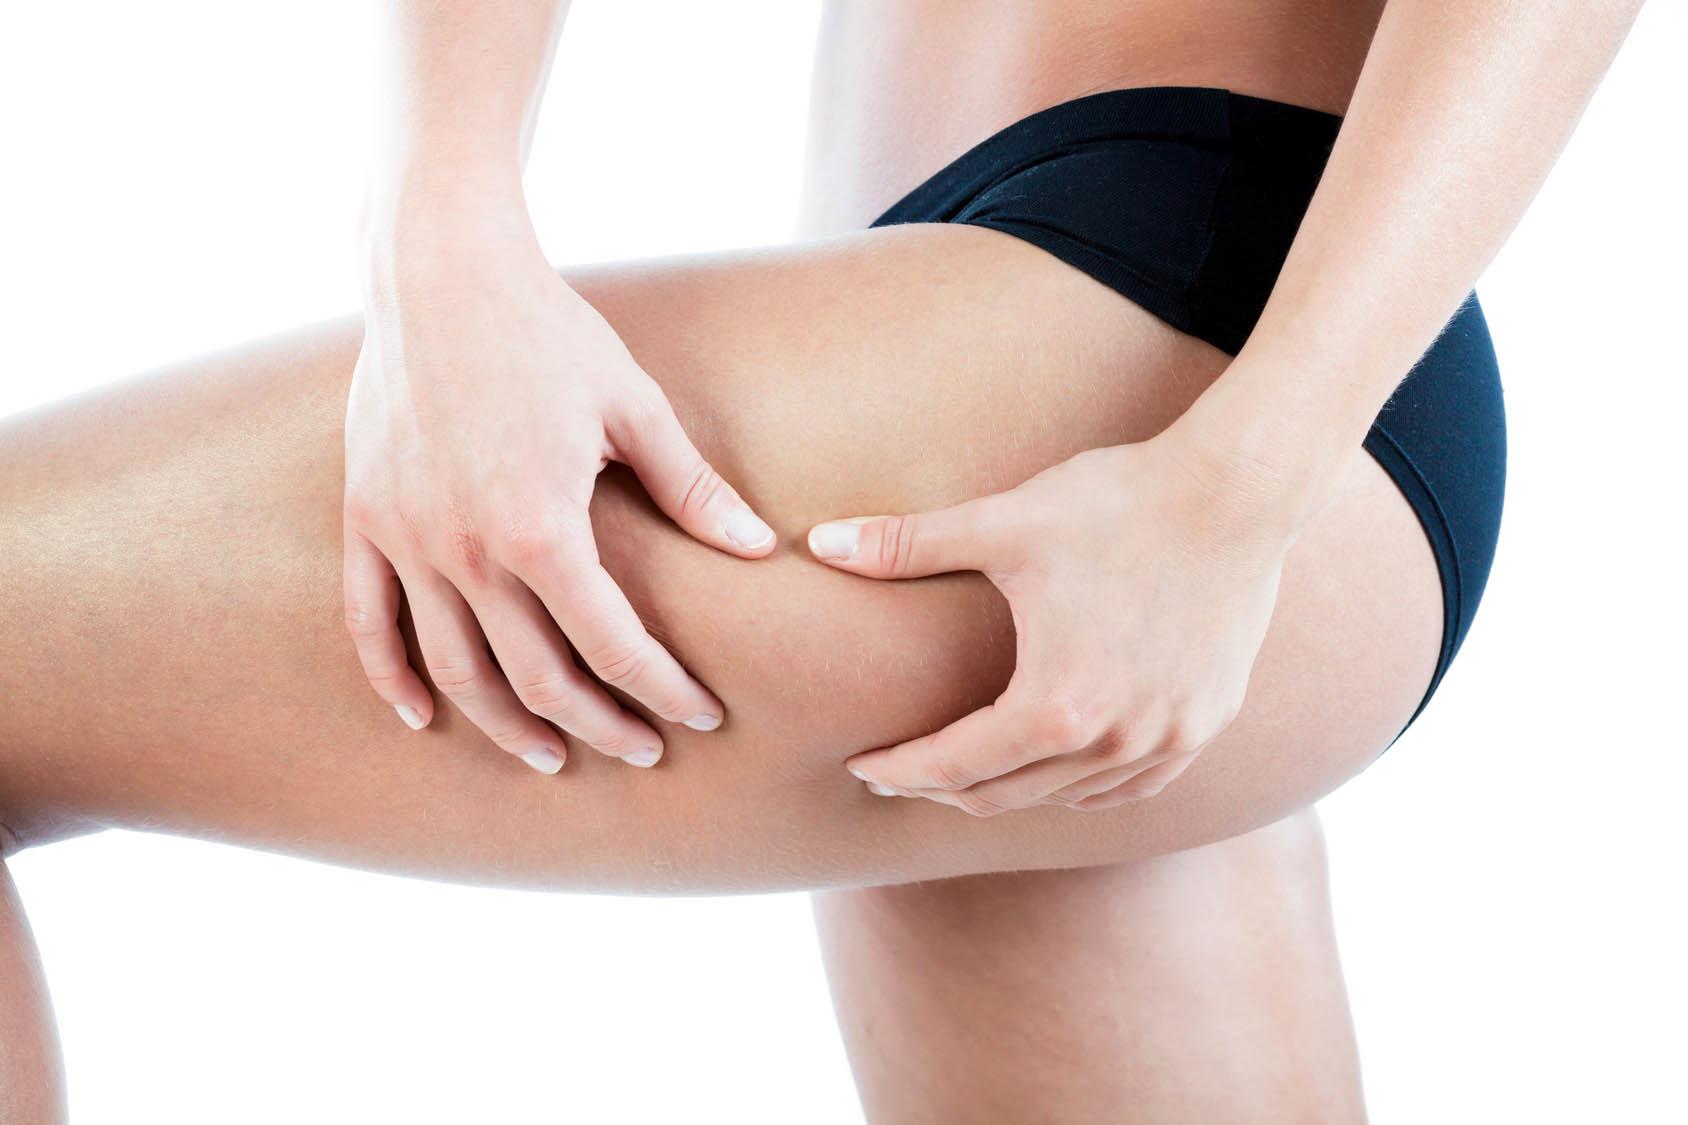 La battaglia contro la cellulite? Ecco i cibi giusti per vincerla